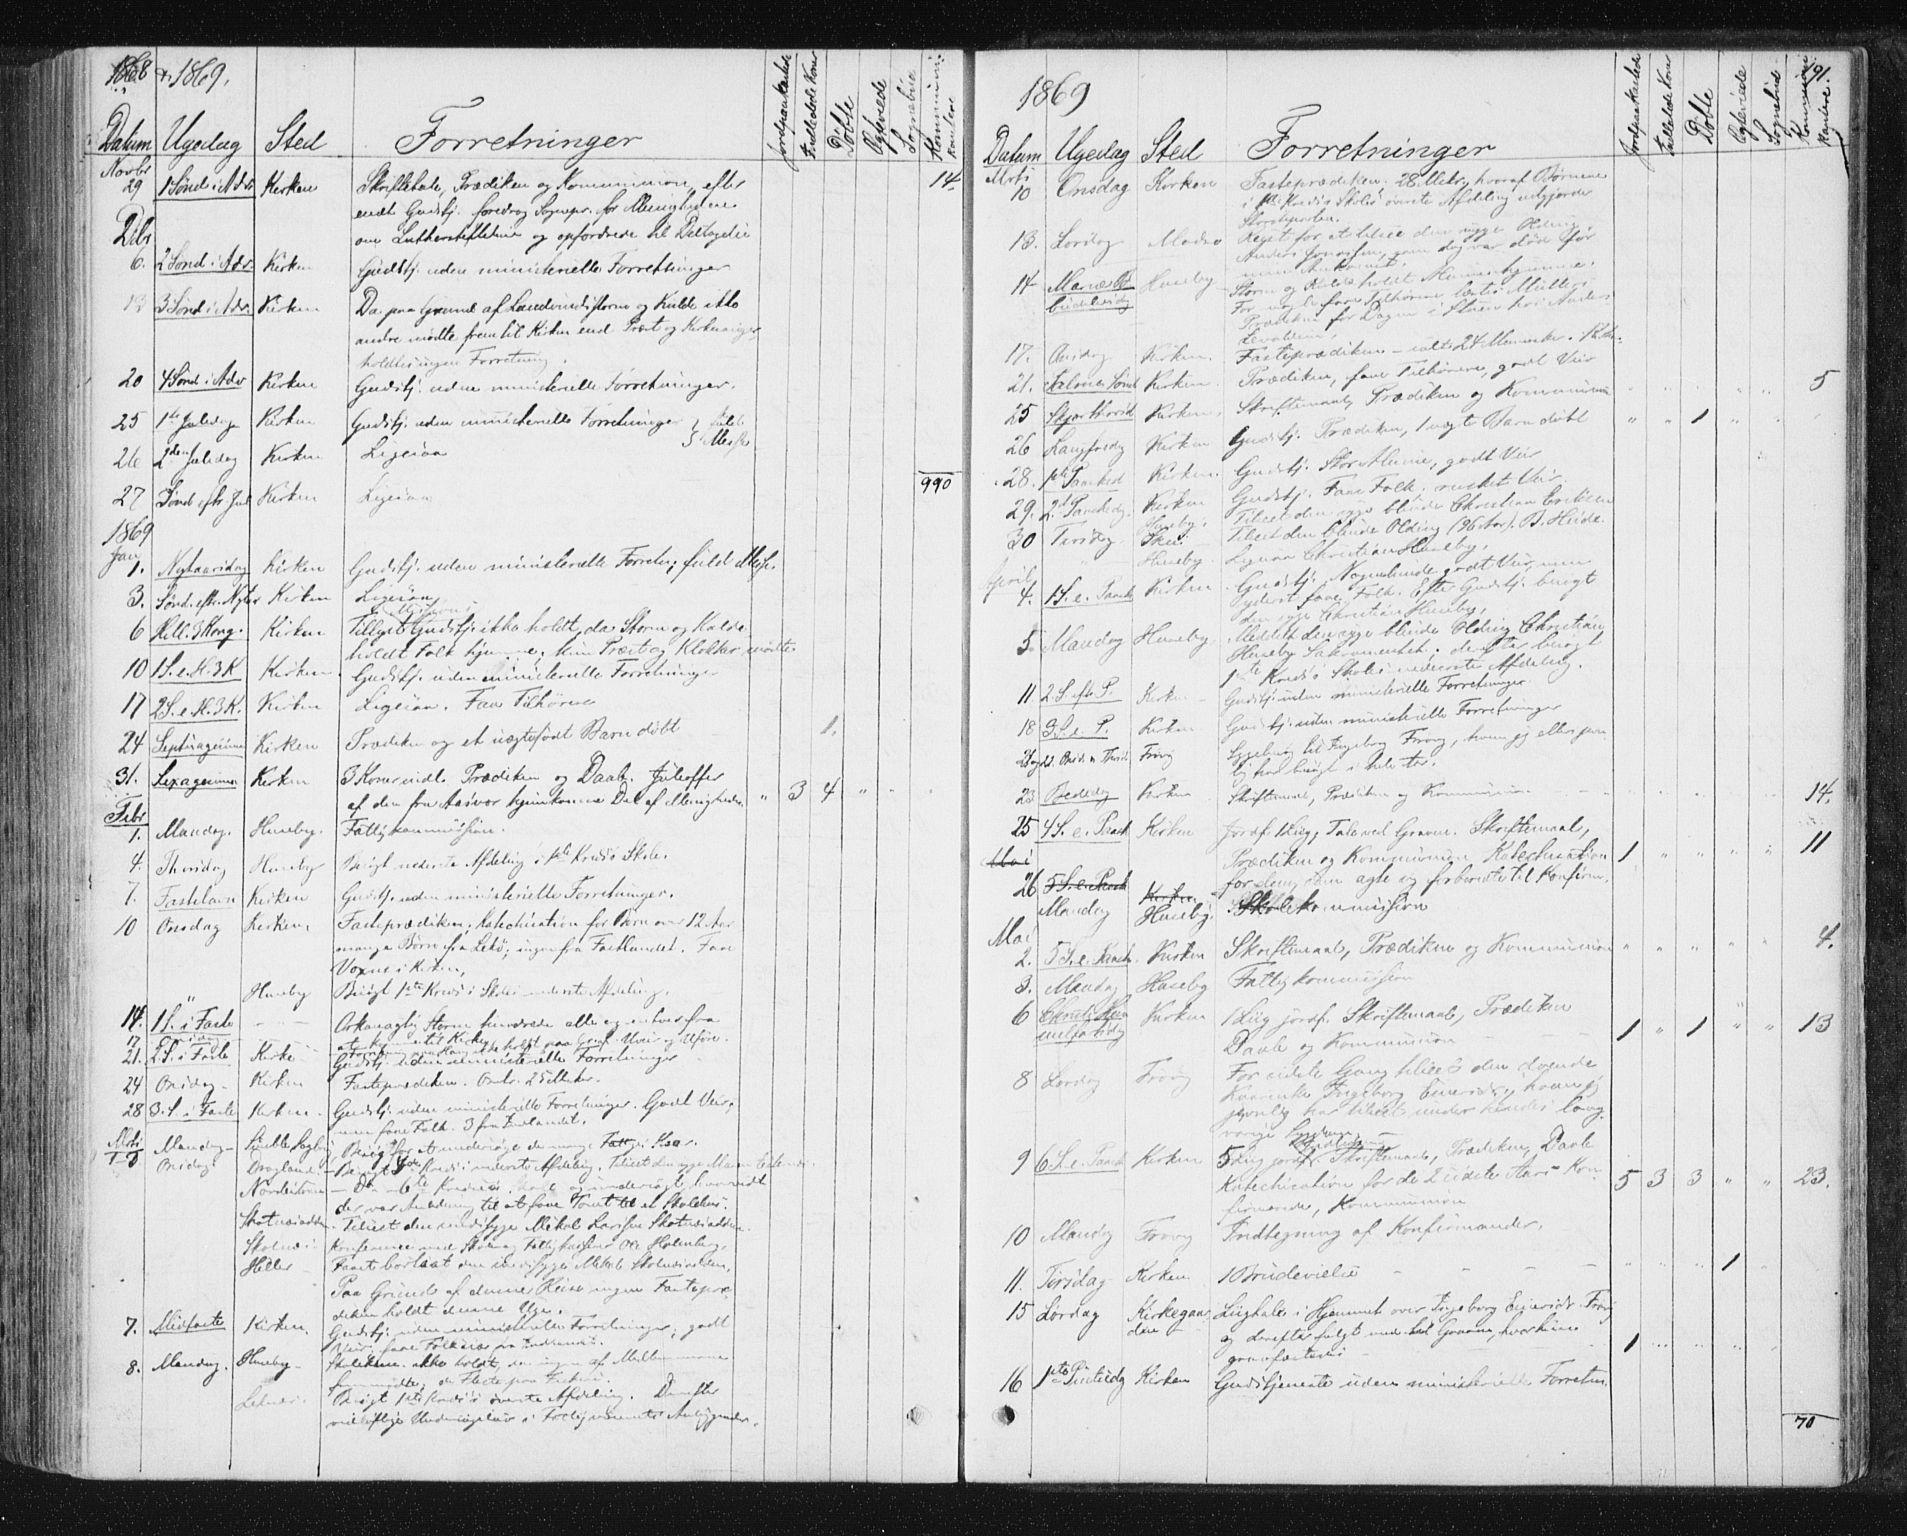 SAT, Ministerialprotokoller, klokkerbøker og fødselsregistre - Nord-Trøndelag, 788/L0696: Ministerialbok nr. 788A03, 1863-1877, s. 191